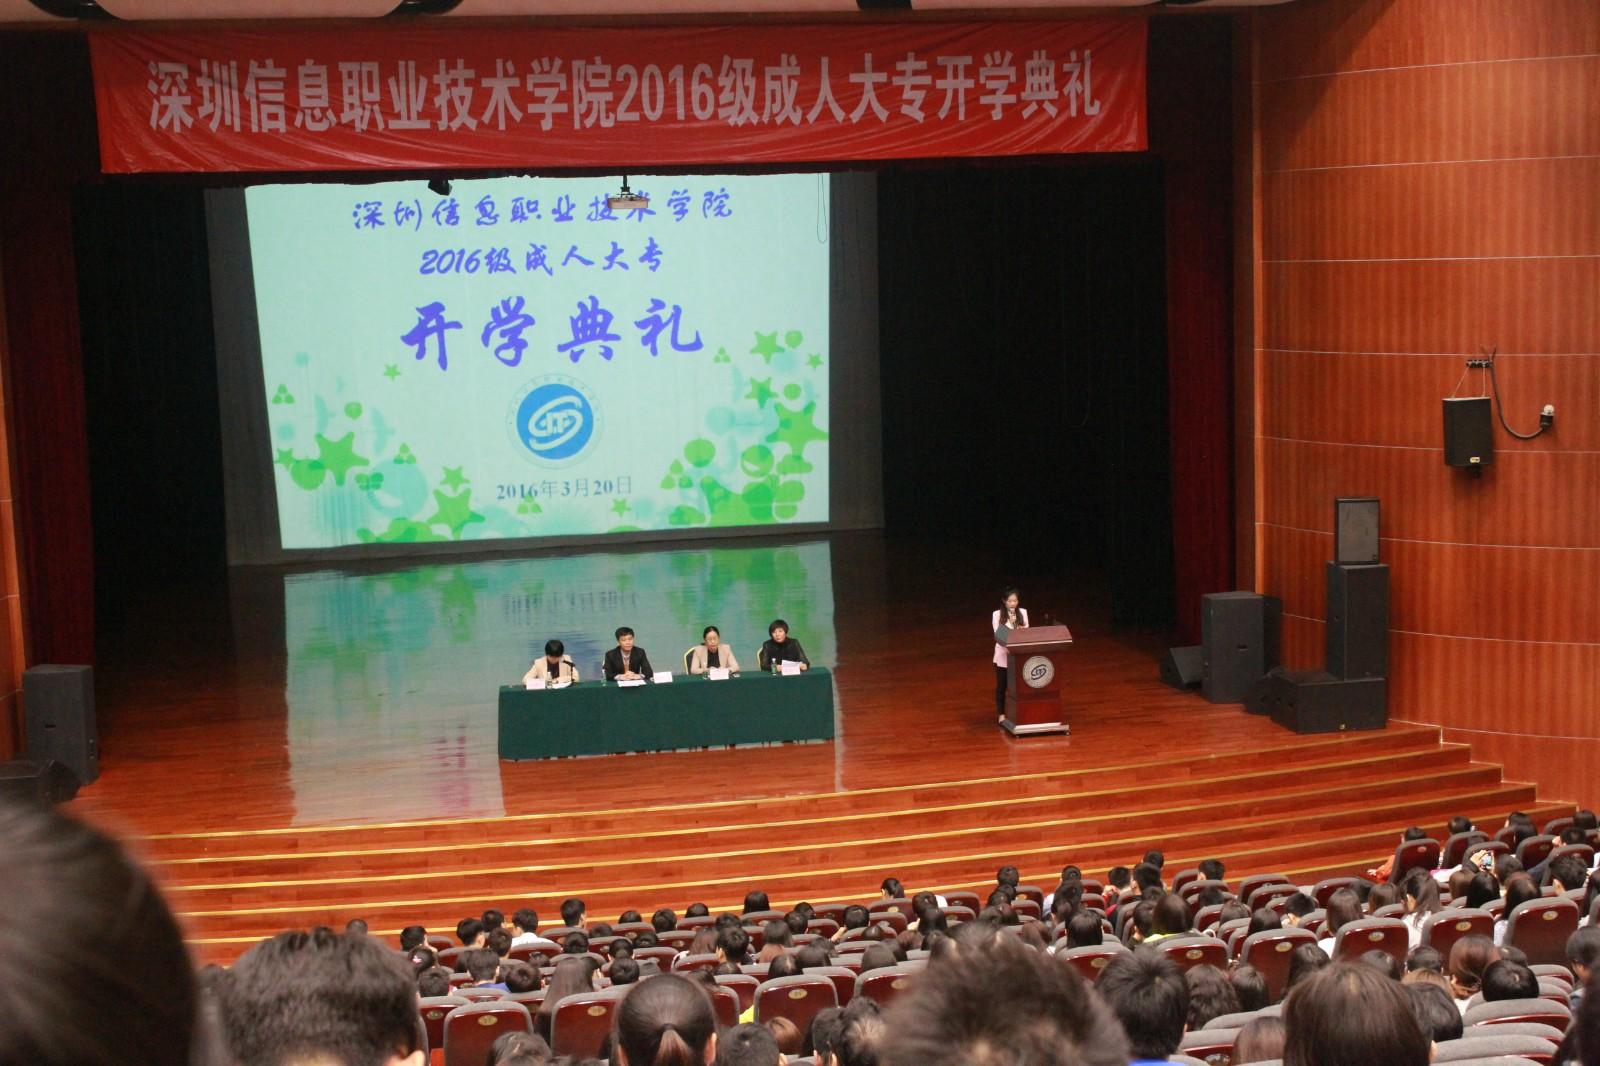 开放大学培训机构_其培训课程培训机构 相关-深圳市龙华区东方培训中心